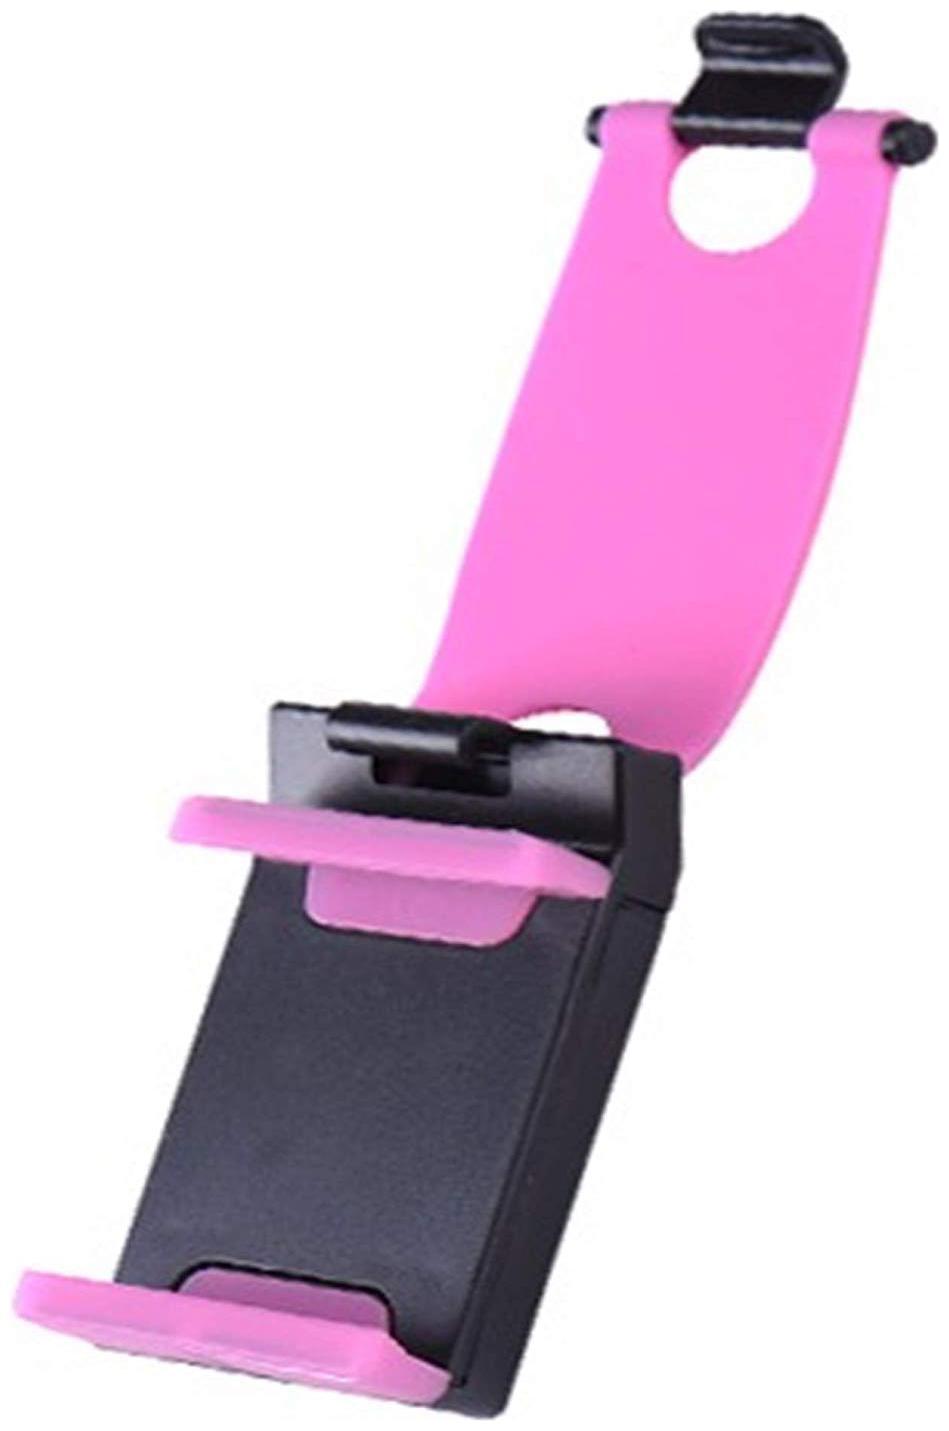 CHG Car Phone Socket Holder  Universal Adjustable Car Cell Phone Holder Cradle Stand Car  Pink